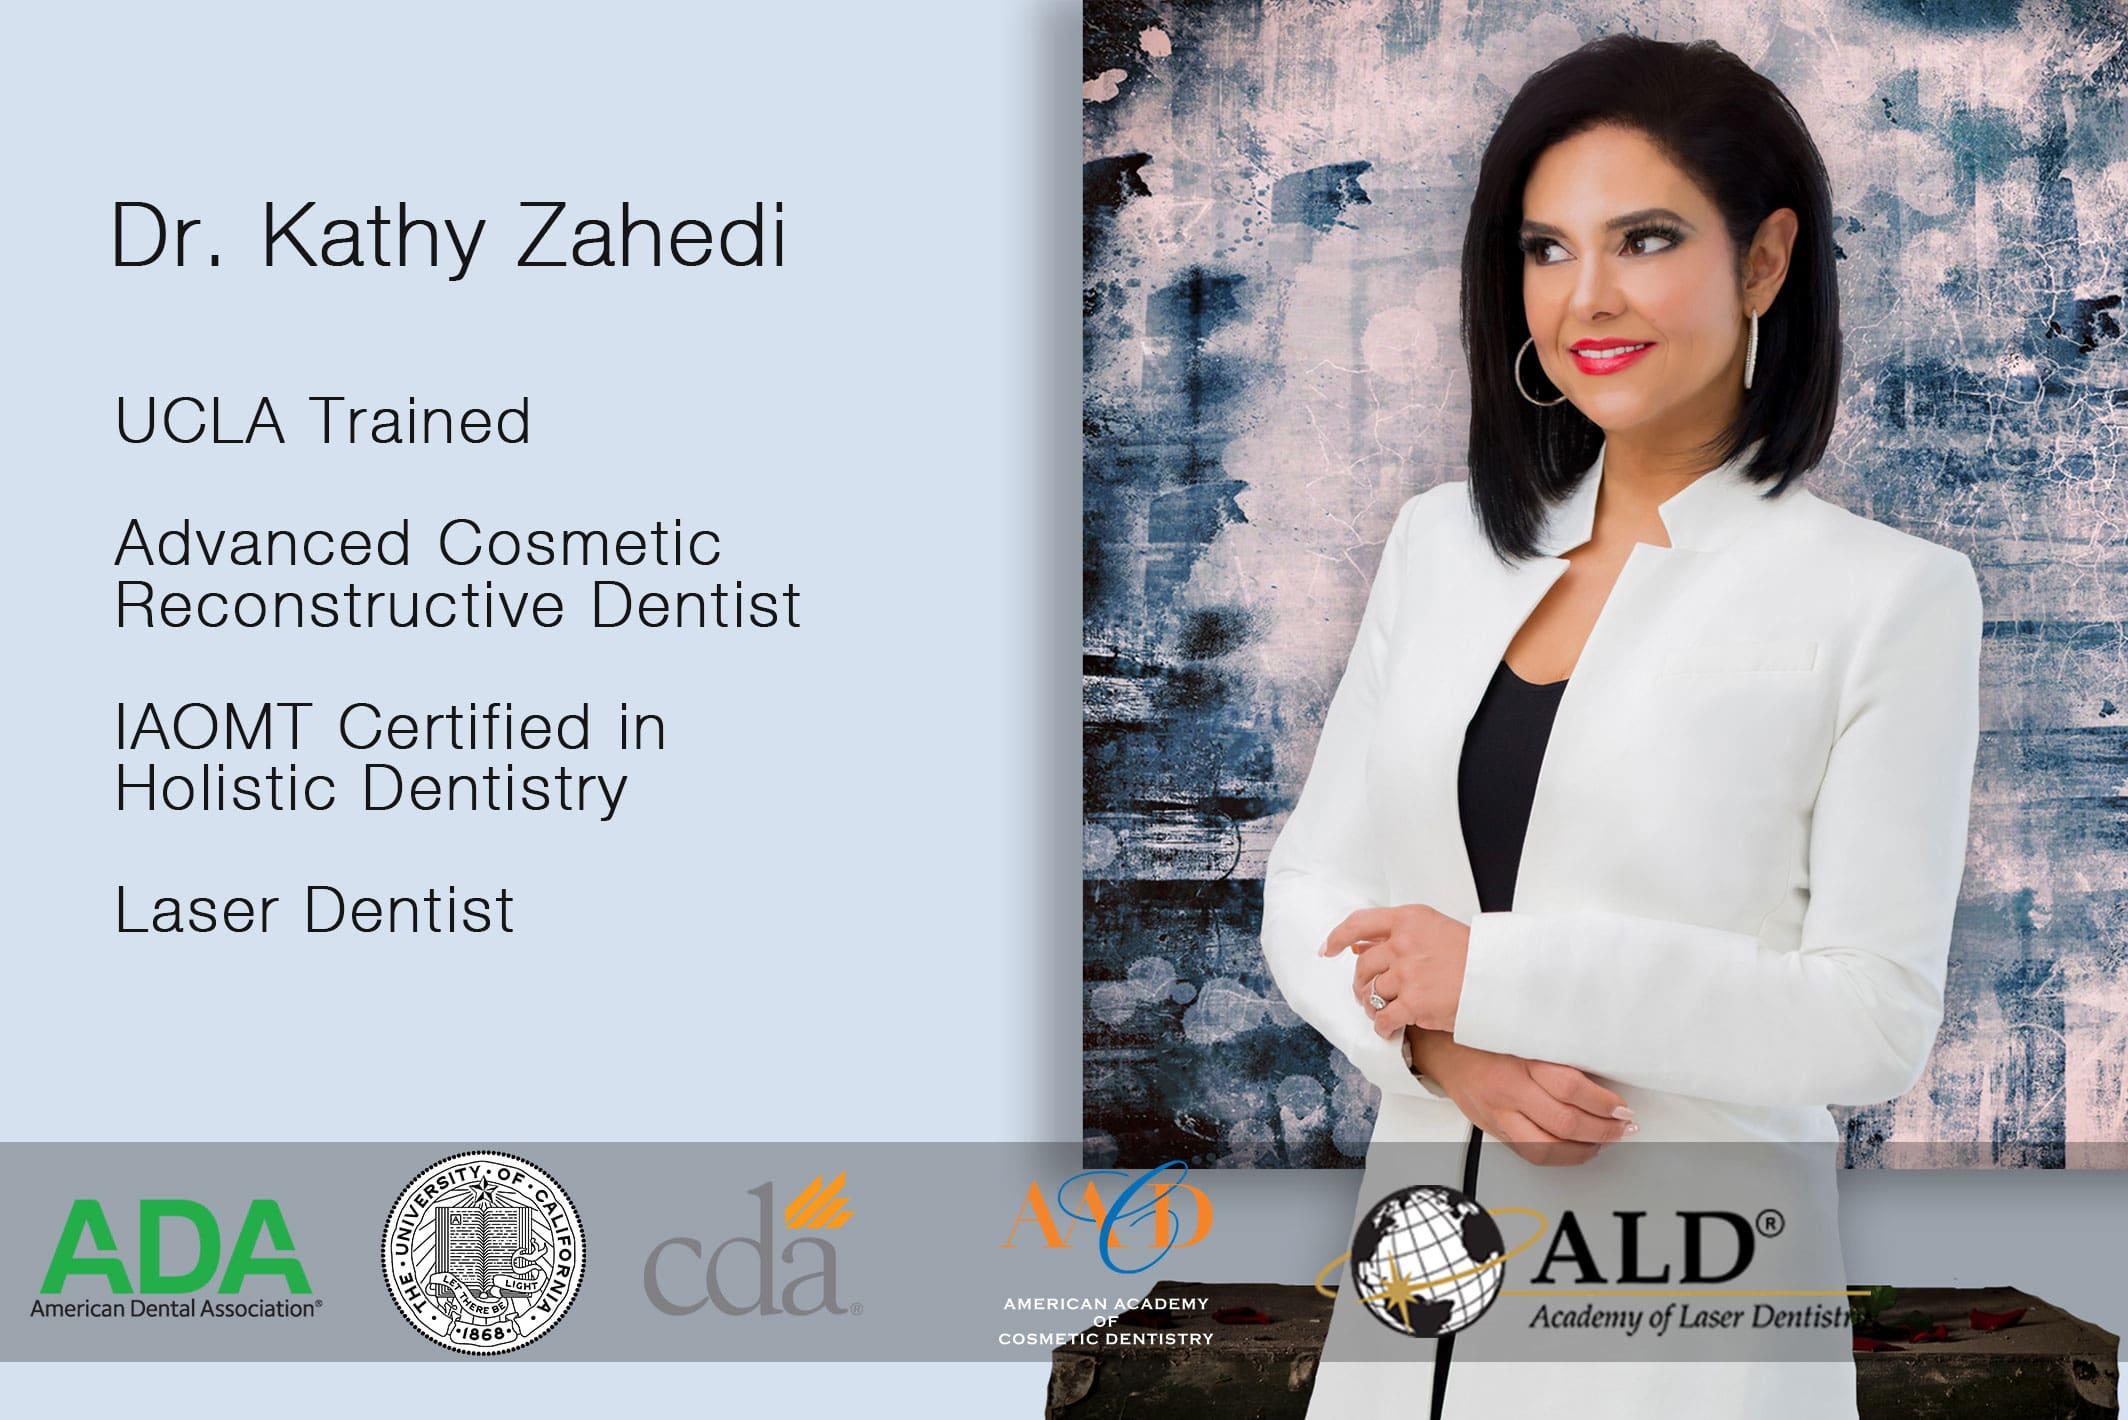 dr. zahedi credentials